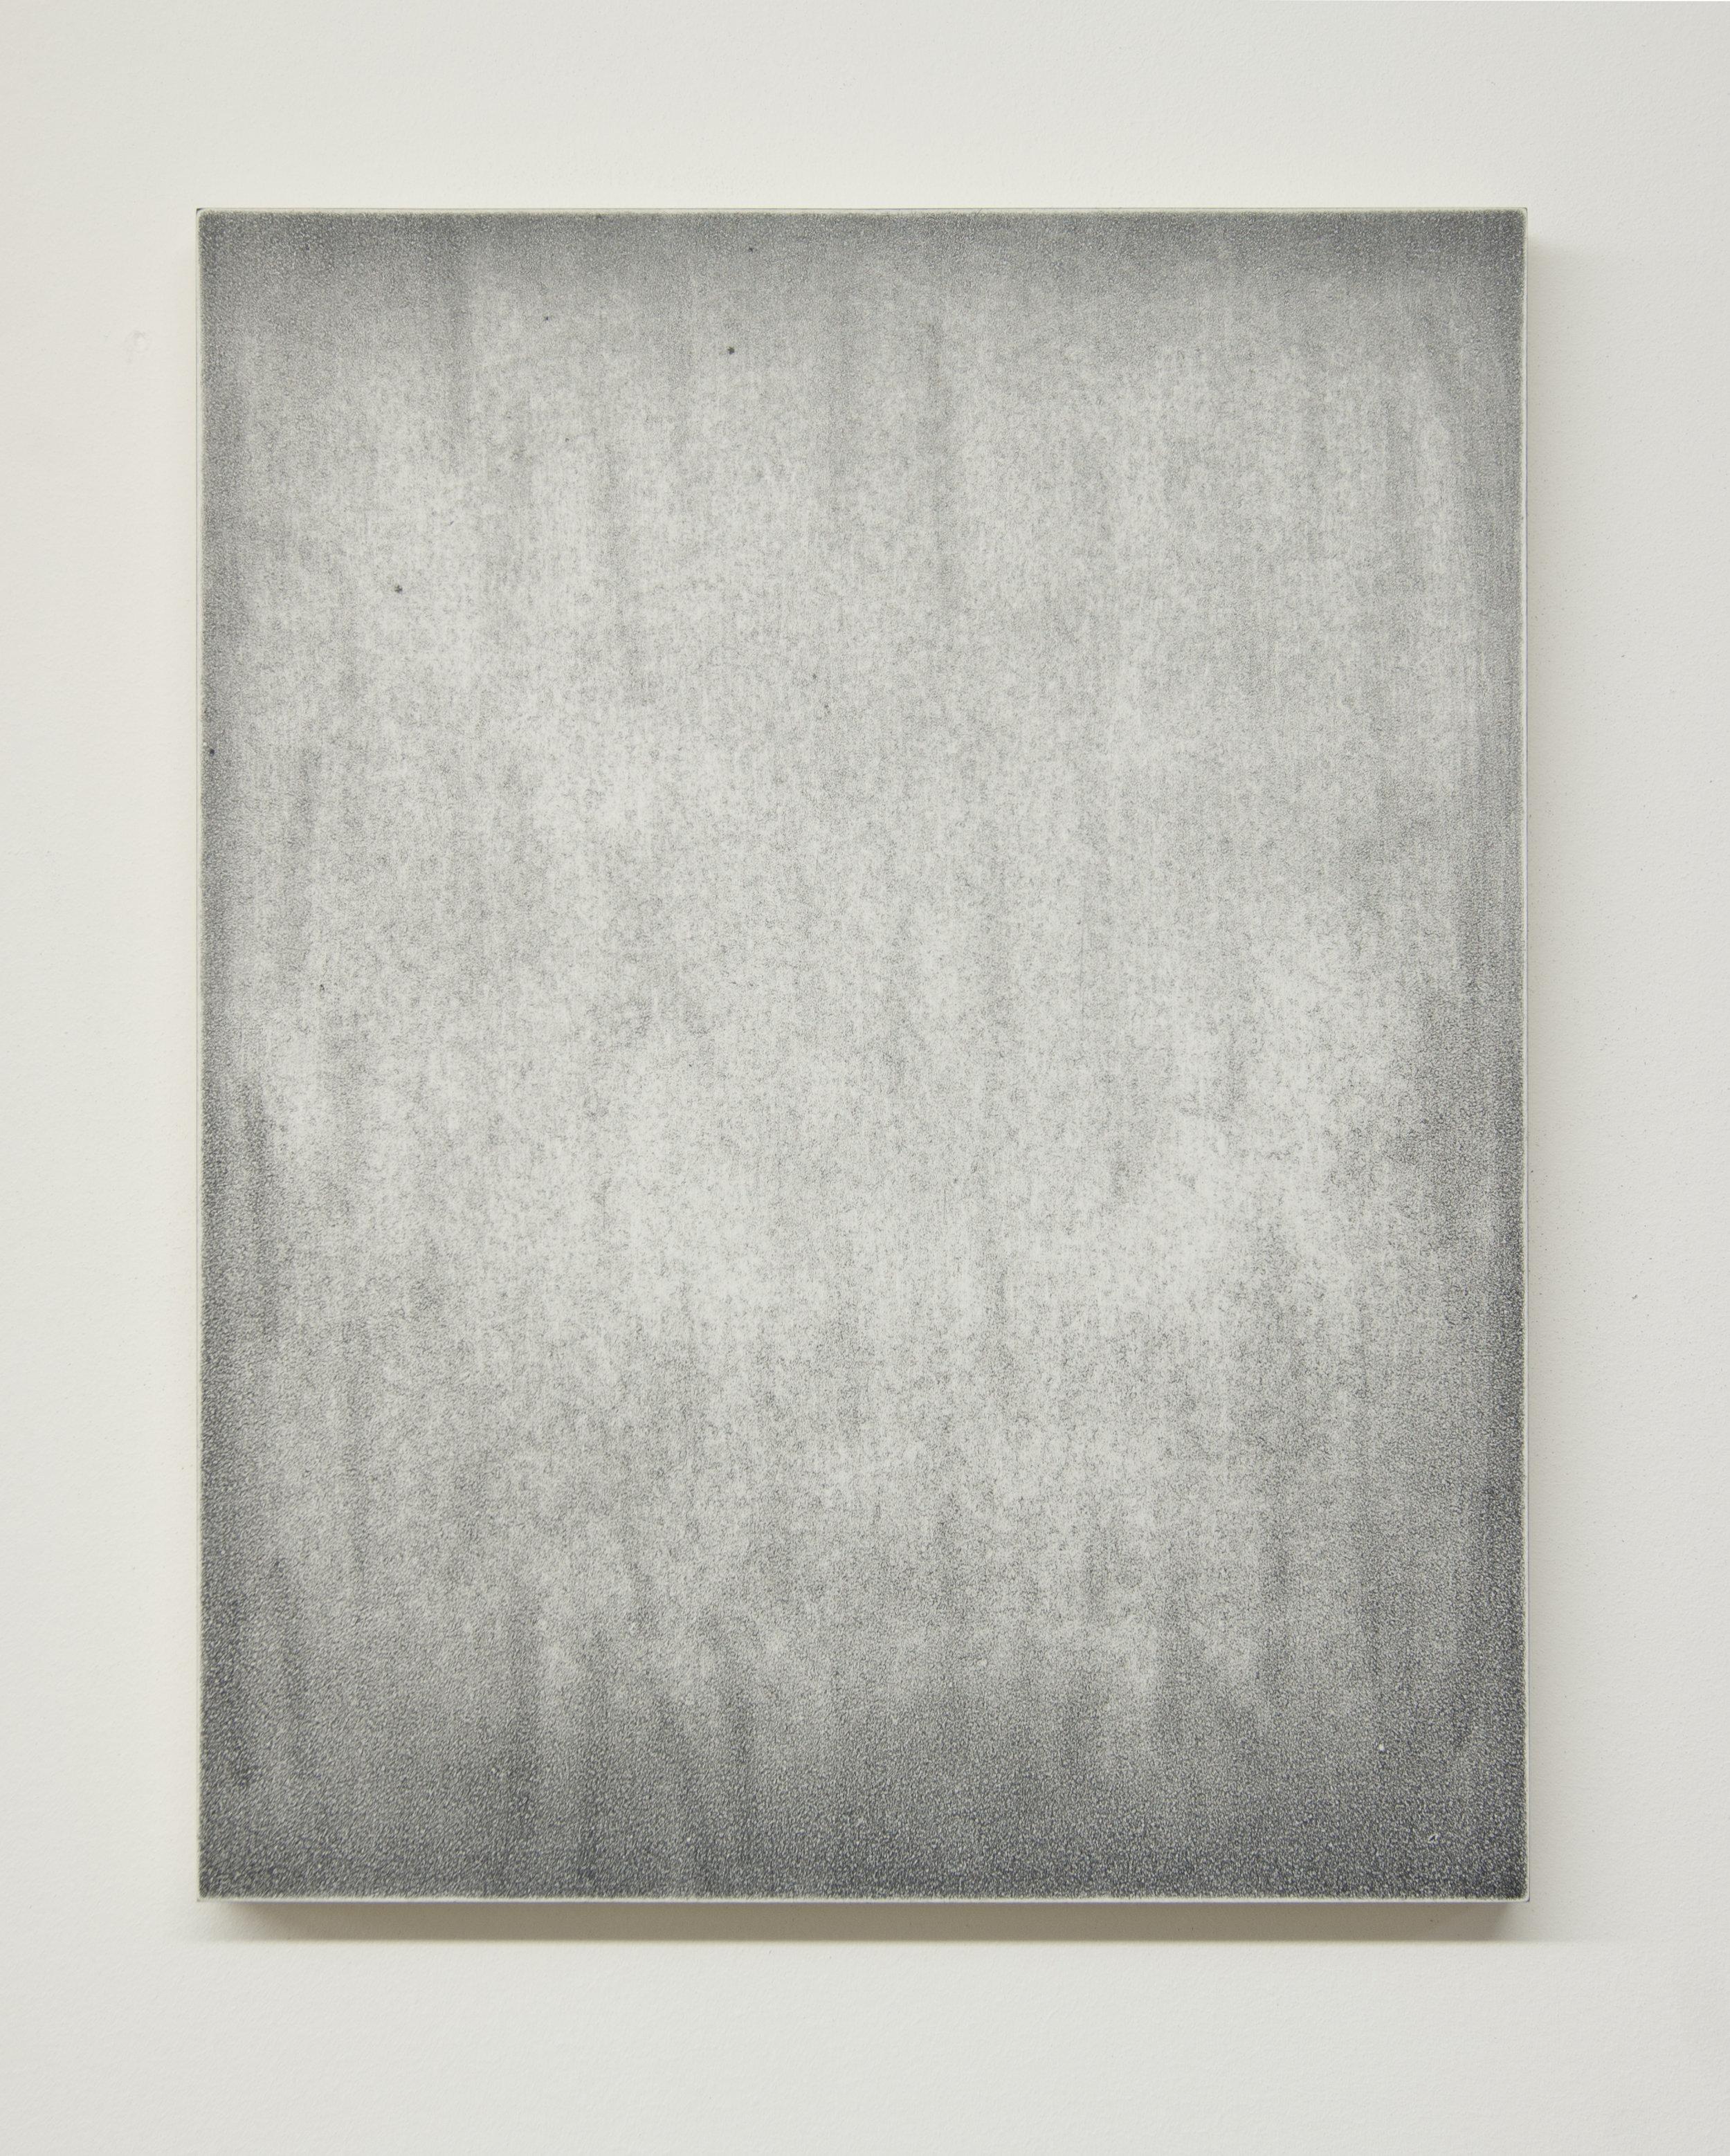 Low Rhythm, 2015  Acrylic on panel, 14 x 11 inches